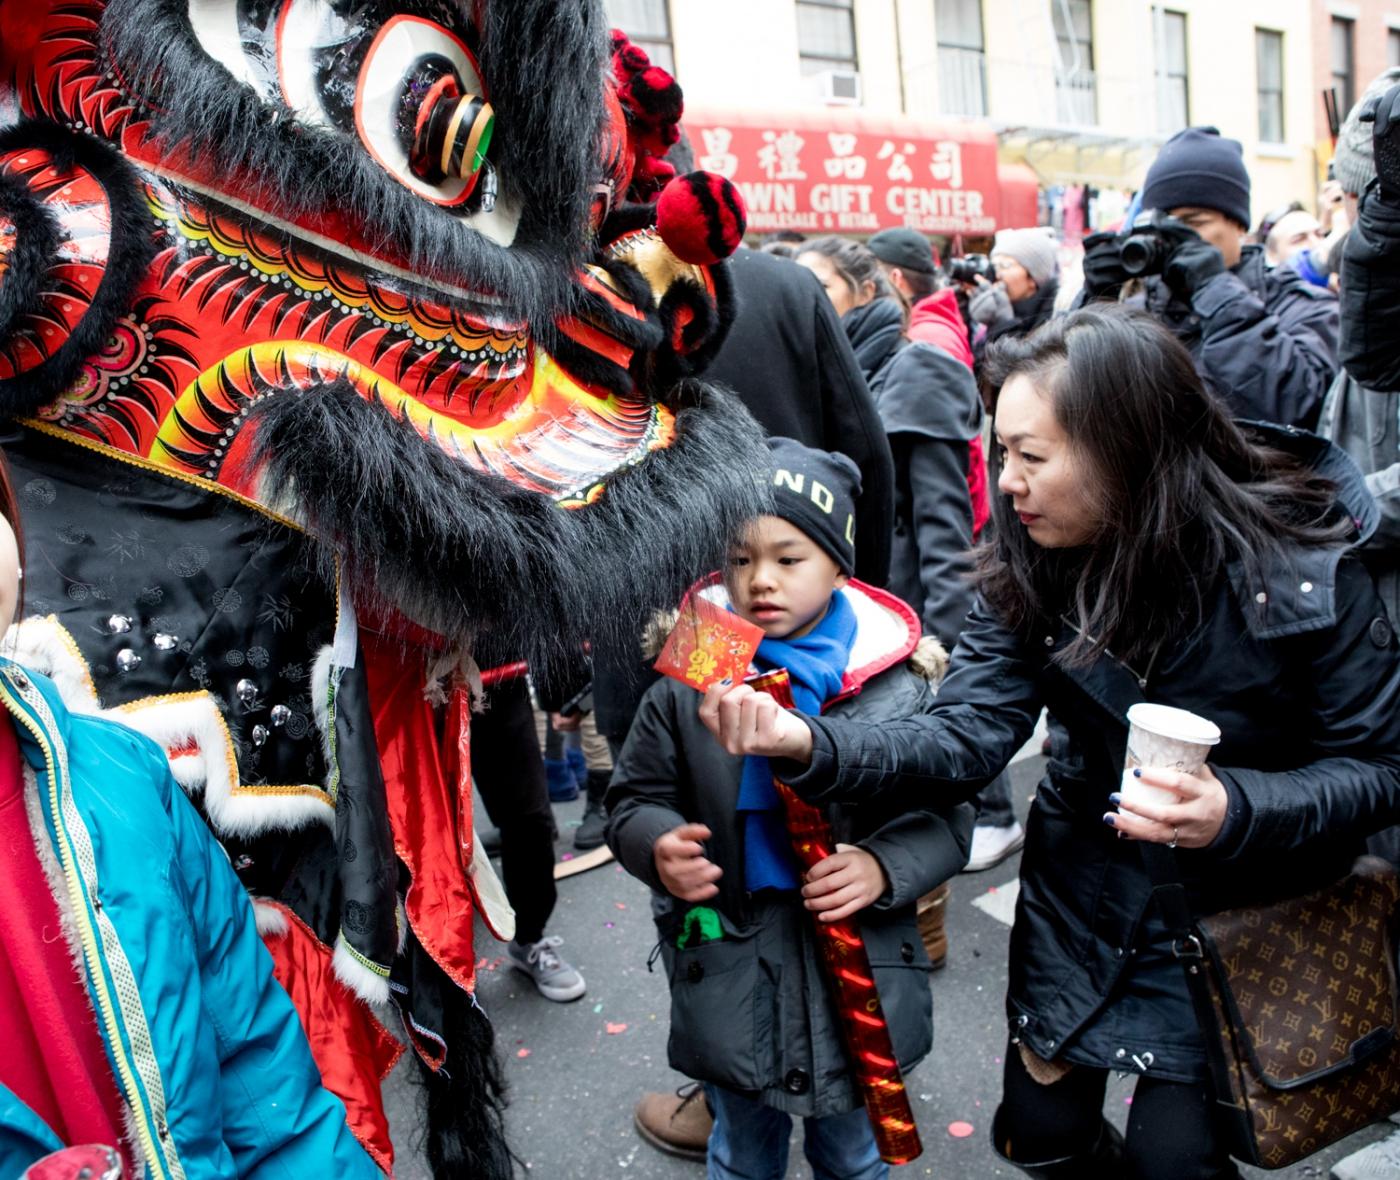 美國春節好熱鬧    ----紐約曼哈頓唐人街大年初一 20170128_图1-26